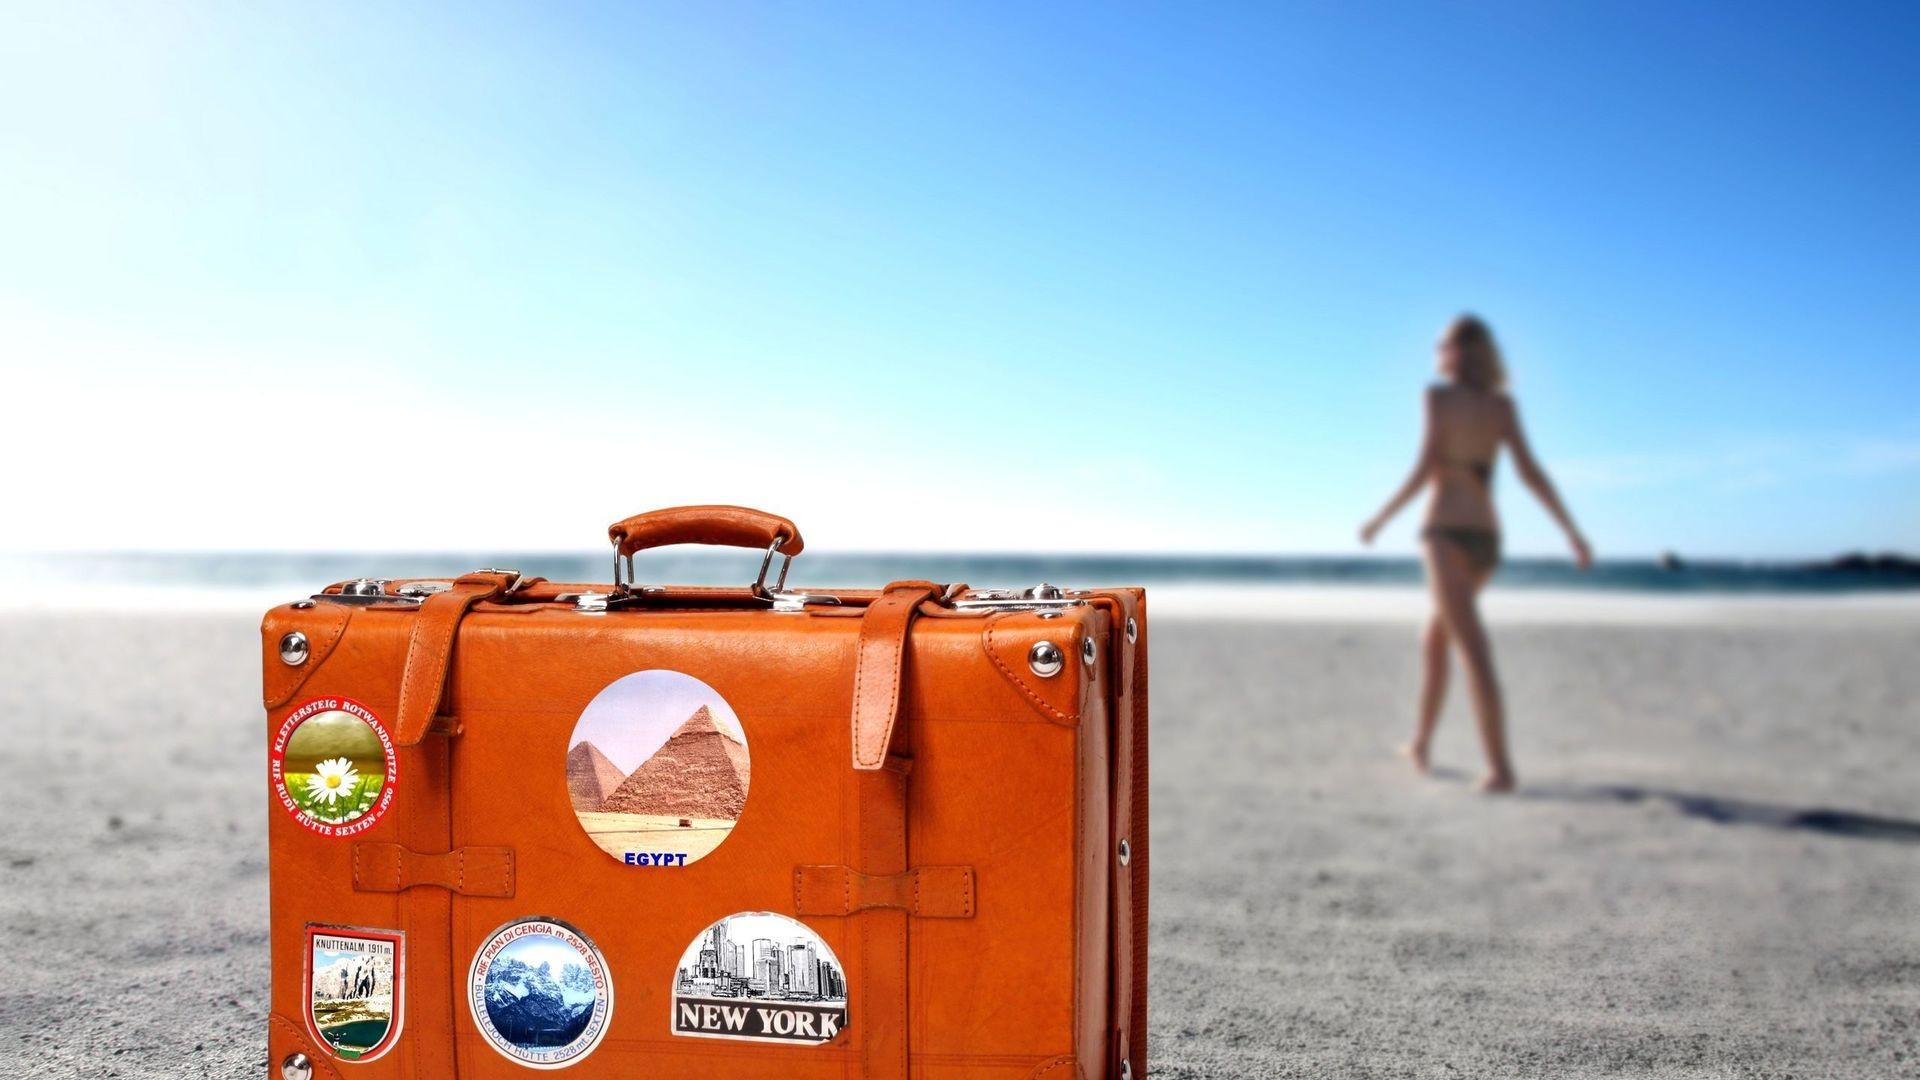 Maleta para vacaciones - 1920x1080